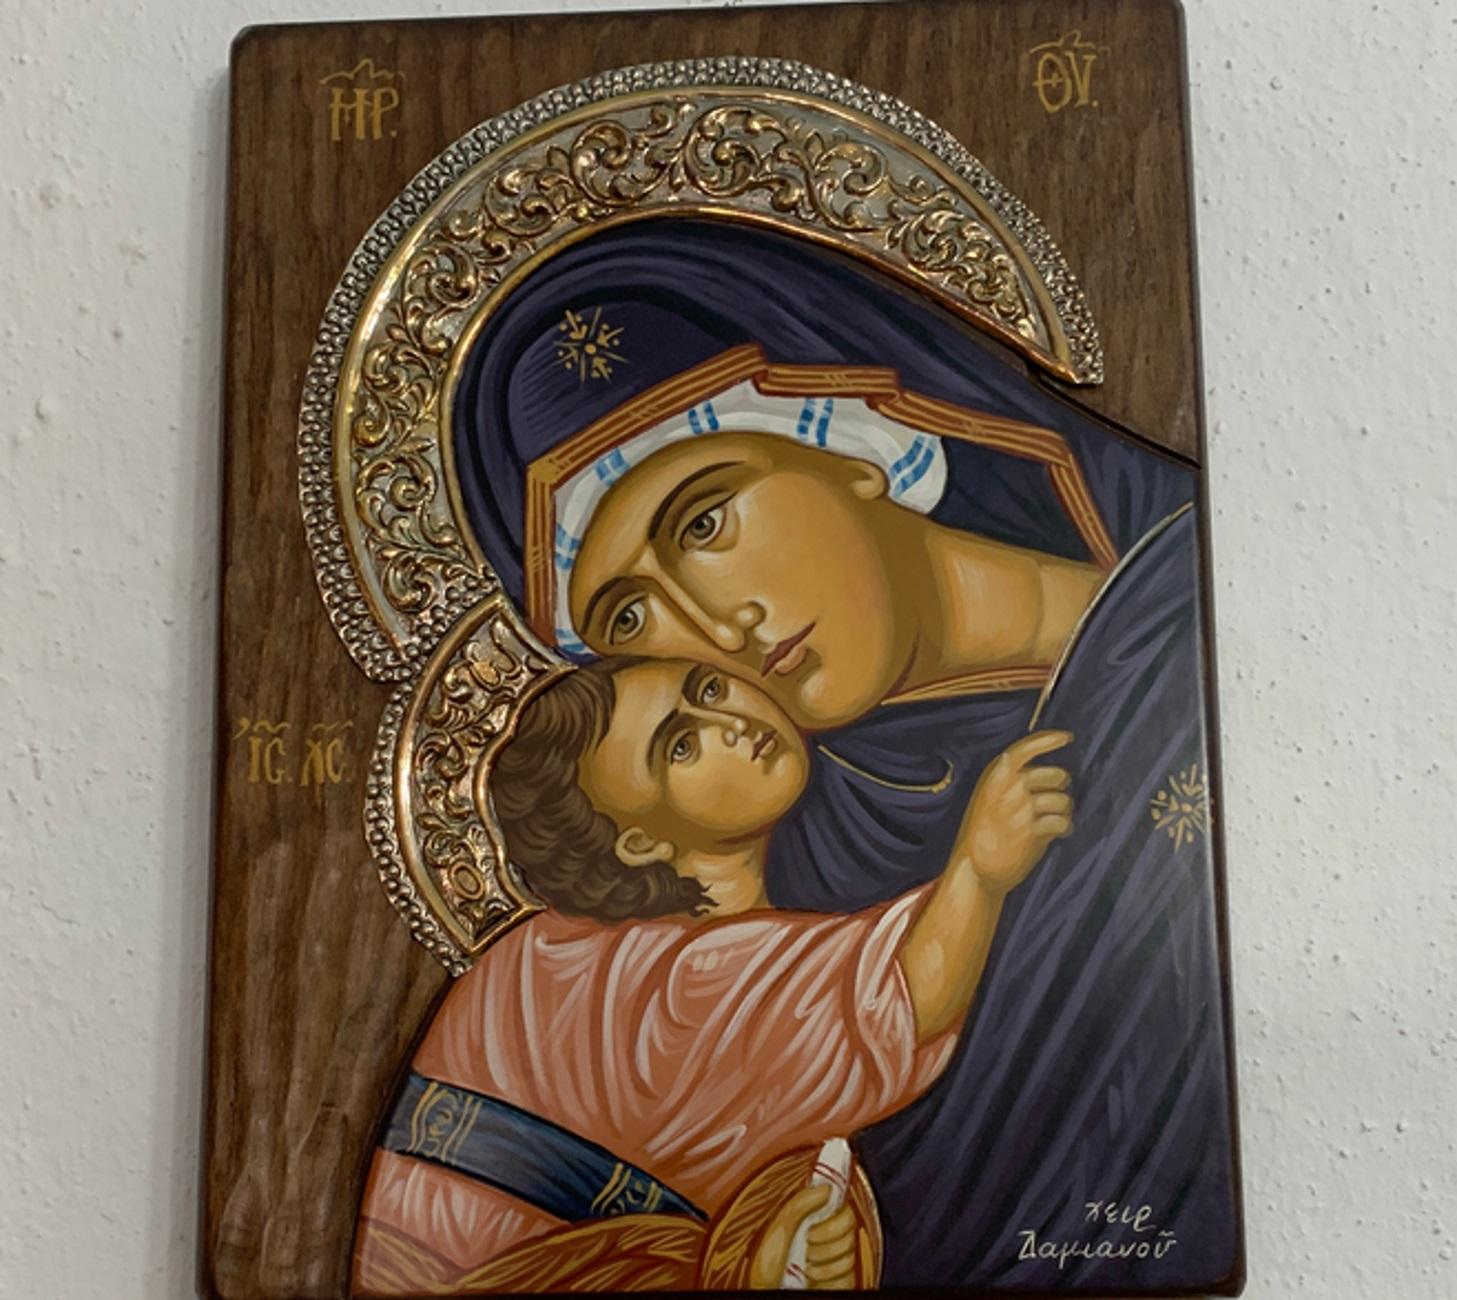 Κρήτη: Η διπλή δωρεά της οικογένειας Βαρδινογιάννη – Η εικόνα της Παναγίας που κέντρισε τα βλέμματα όλων